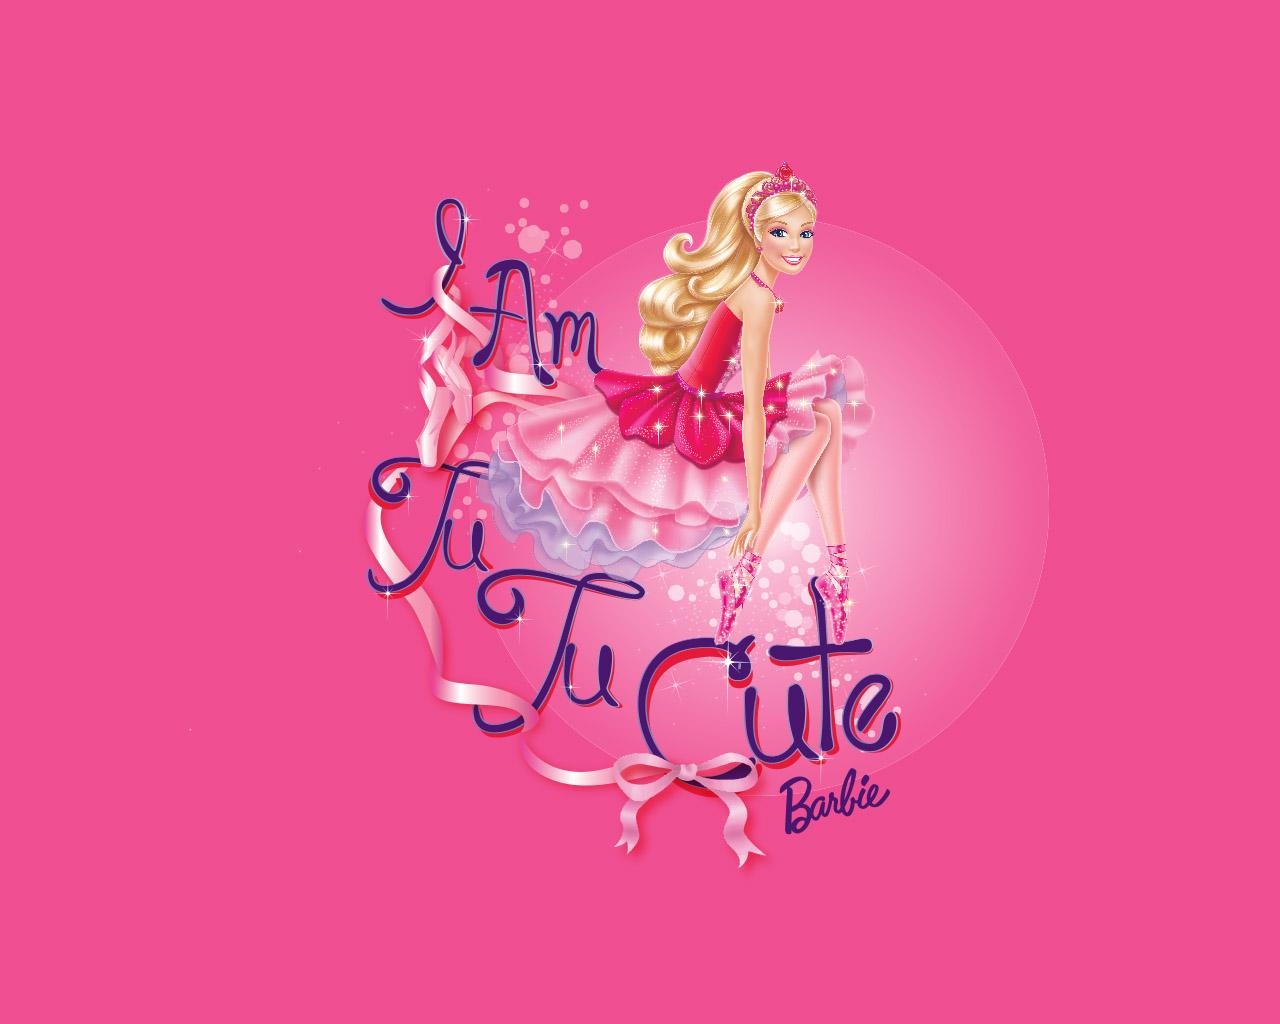 Barbie Logo Wallpaper WallpaperSafari